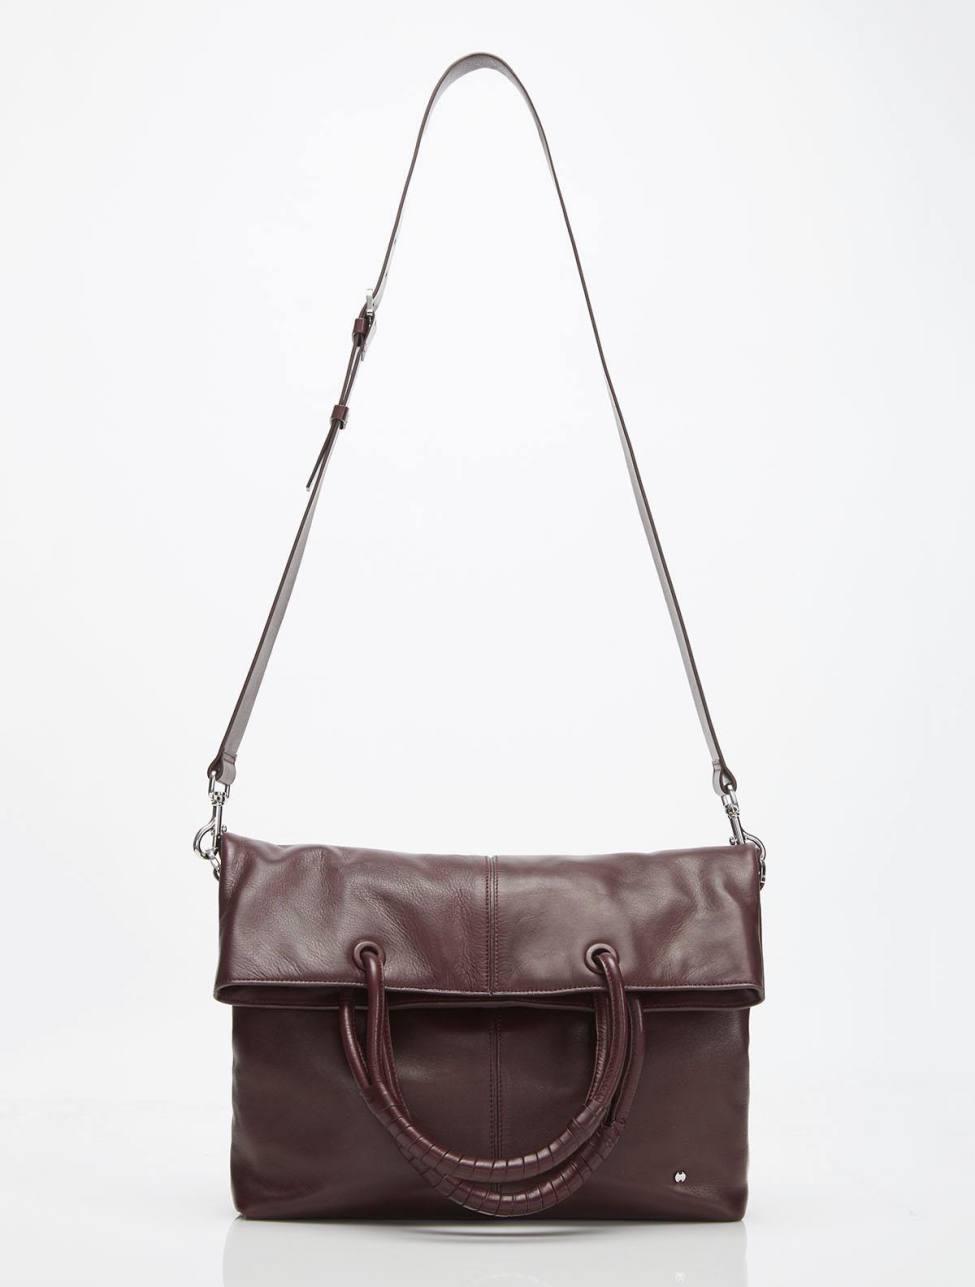 b132a6756c Halston Heritage - Multicolor Ali Soft Box Calf Leather Lg Foldover Tote -  Lyst. View fullscreen